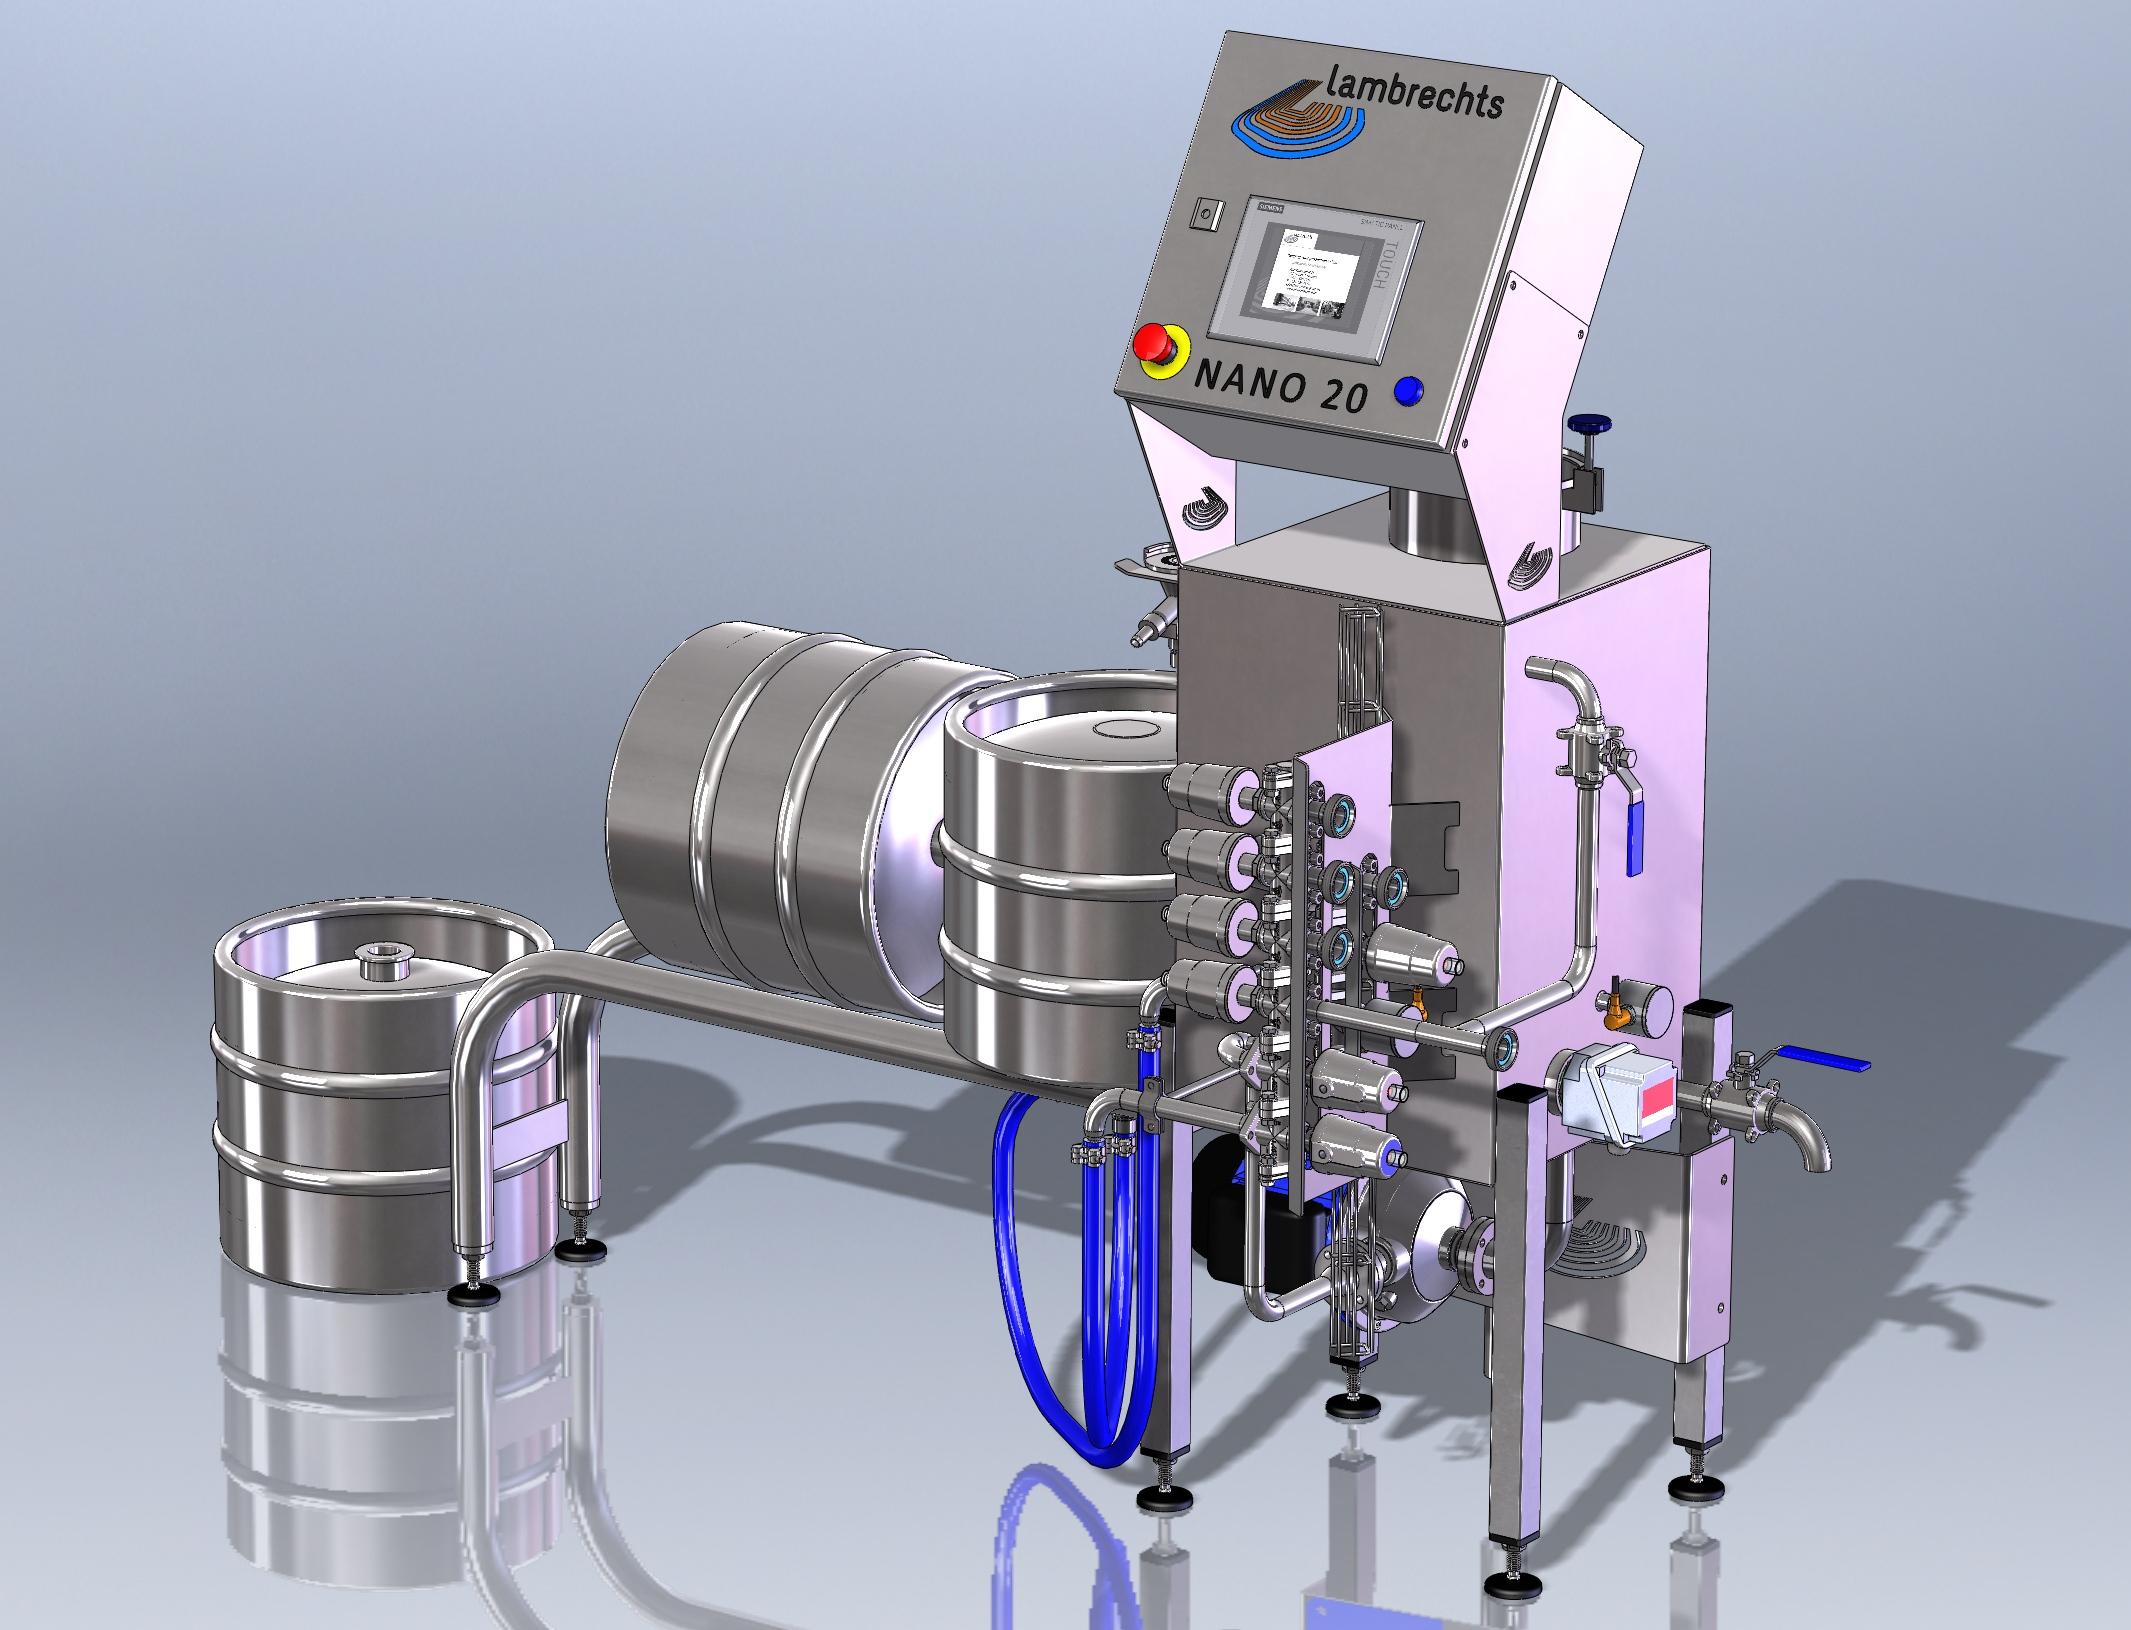 Nano 20 Semi Automatic Washer Lambrechts Group